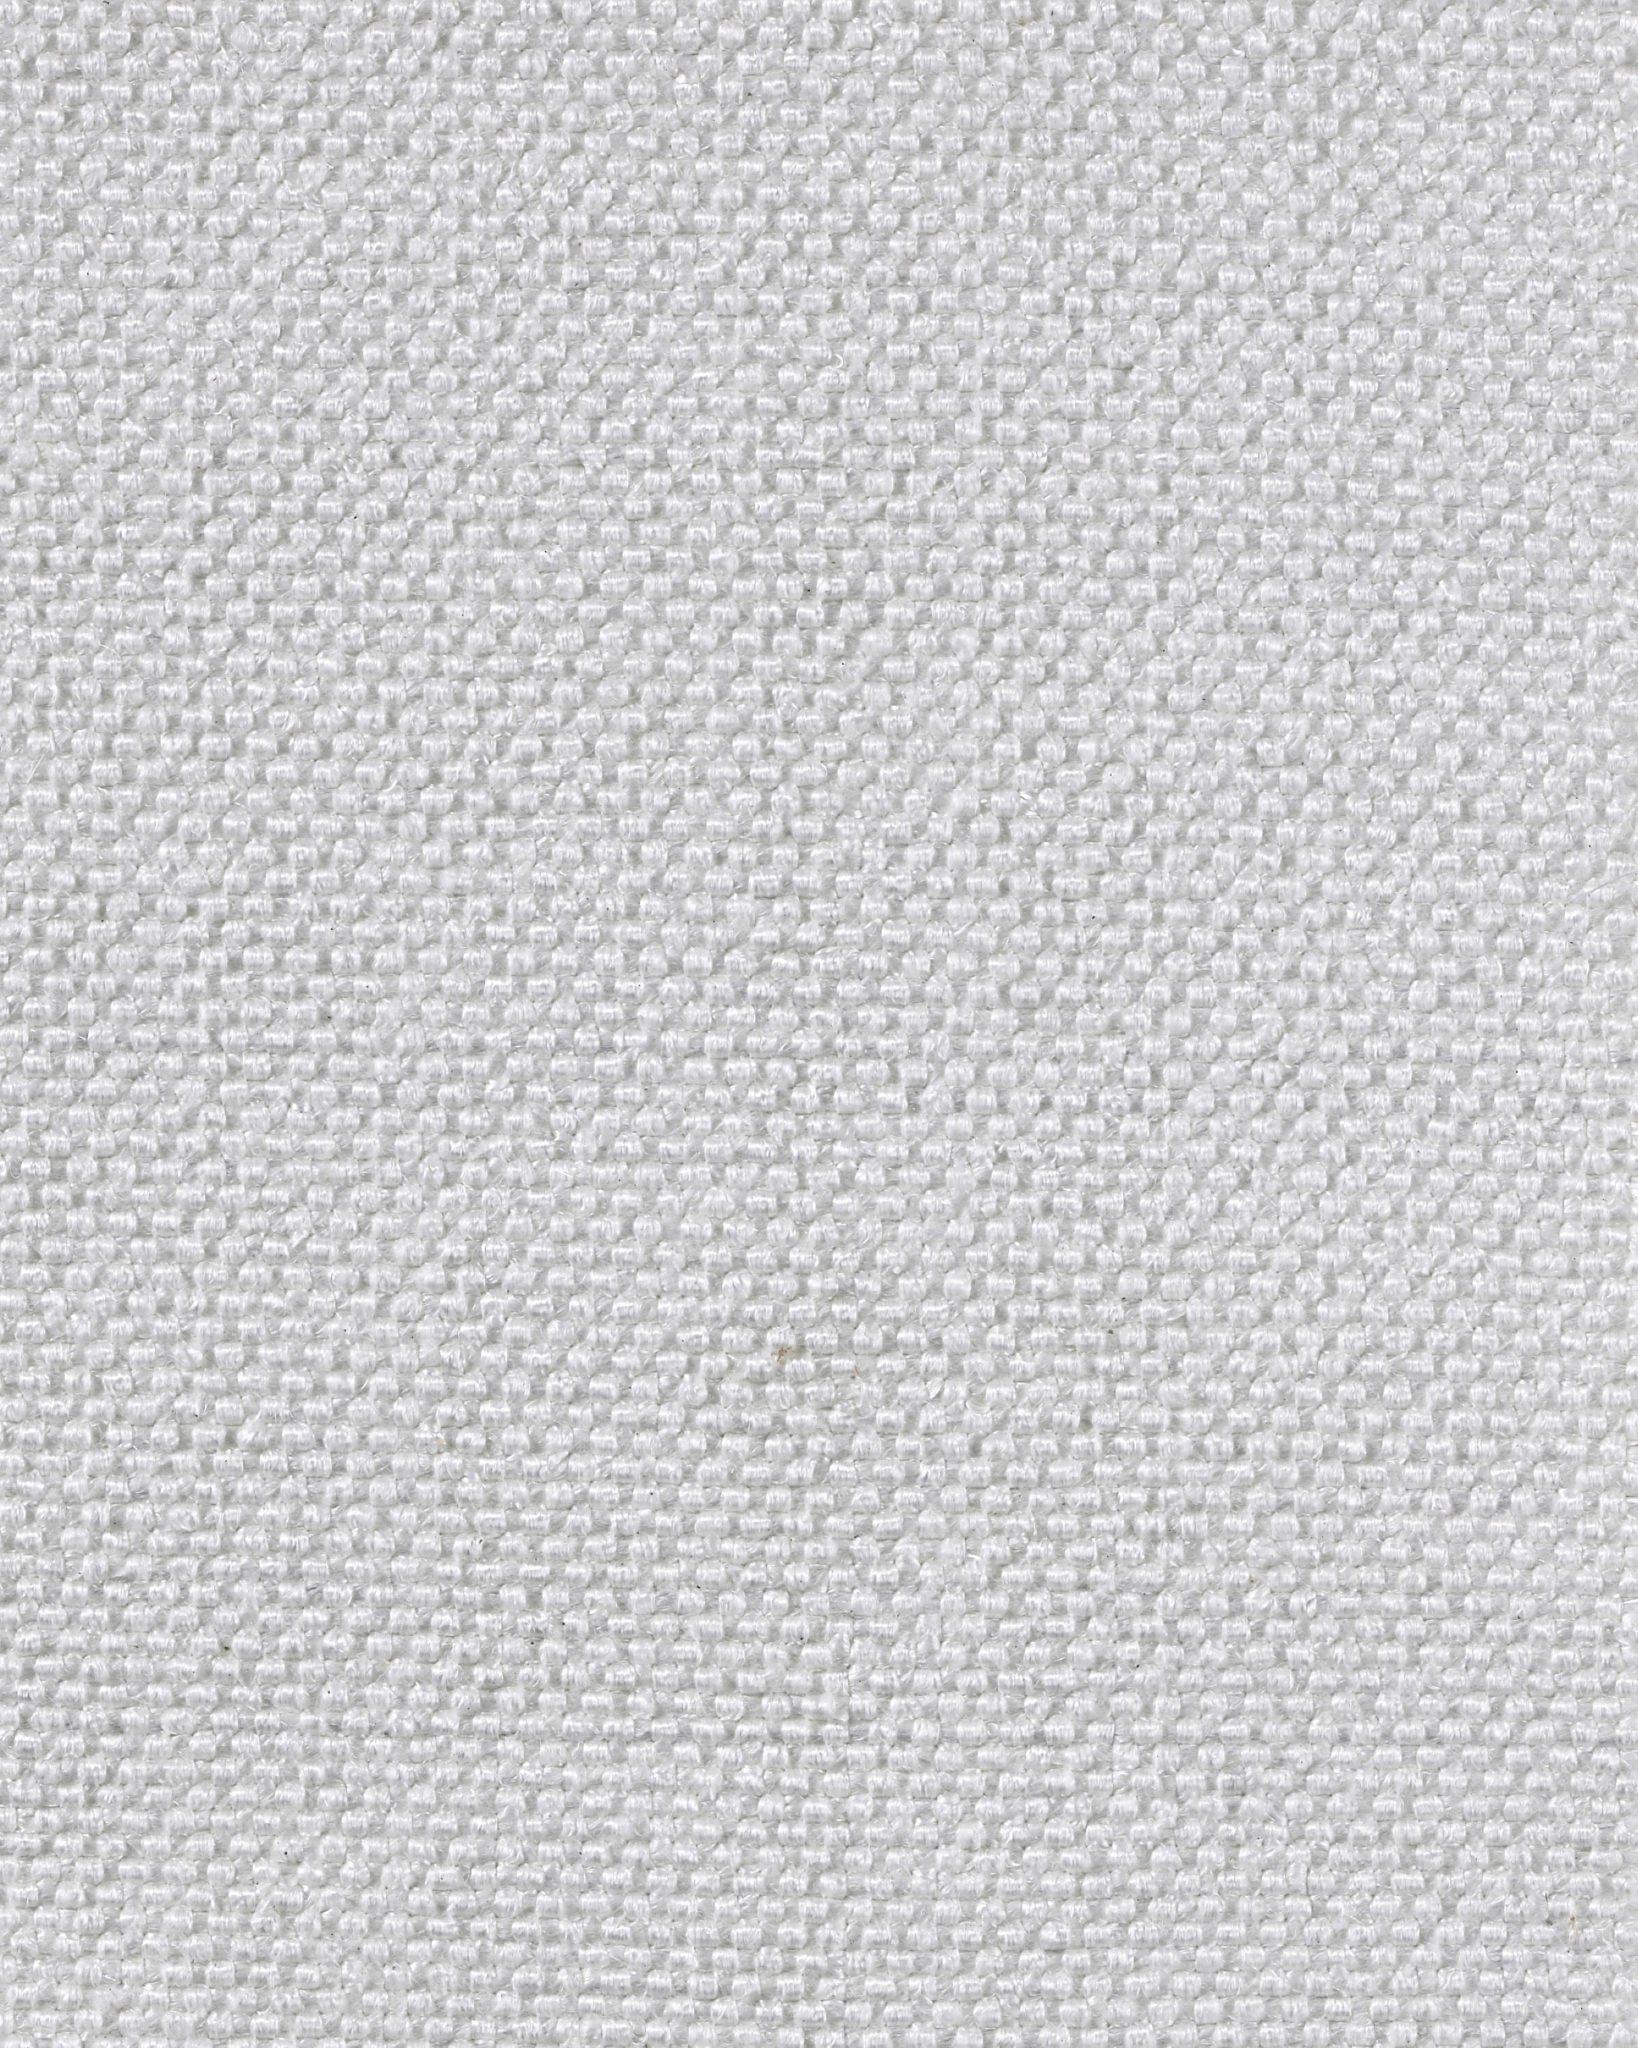 AMI-GLAS® (GLWB) Cloth